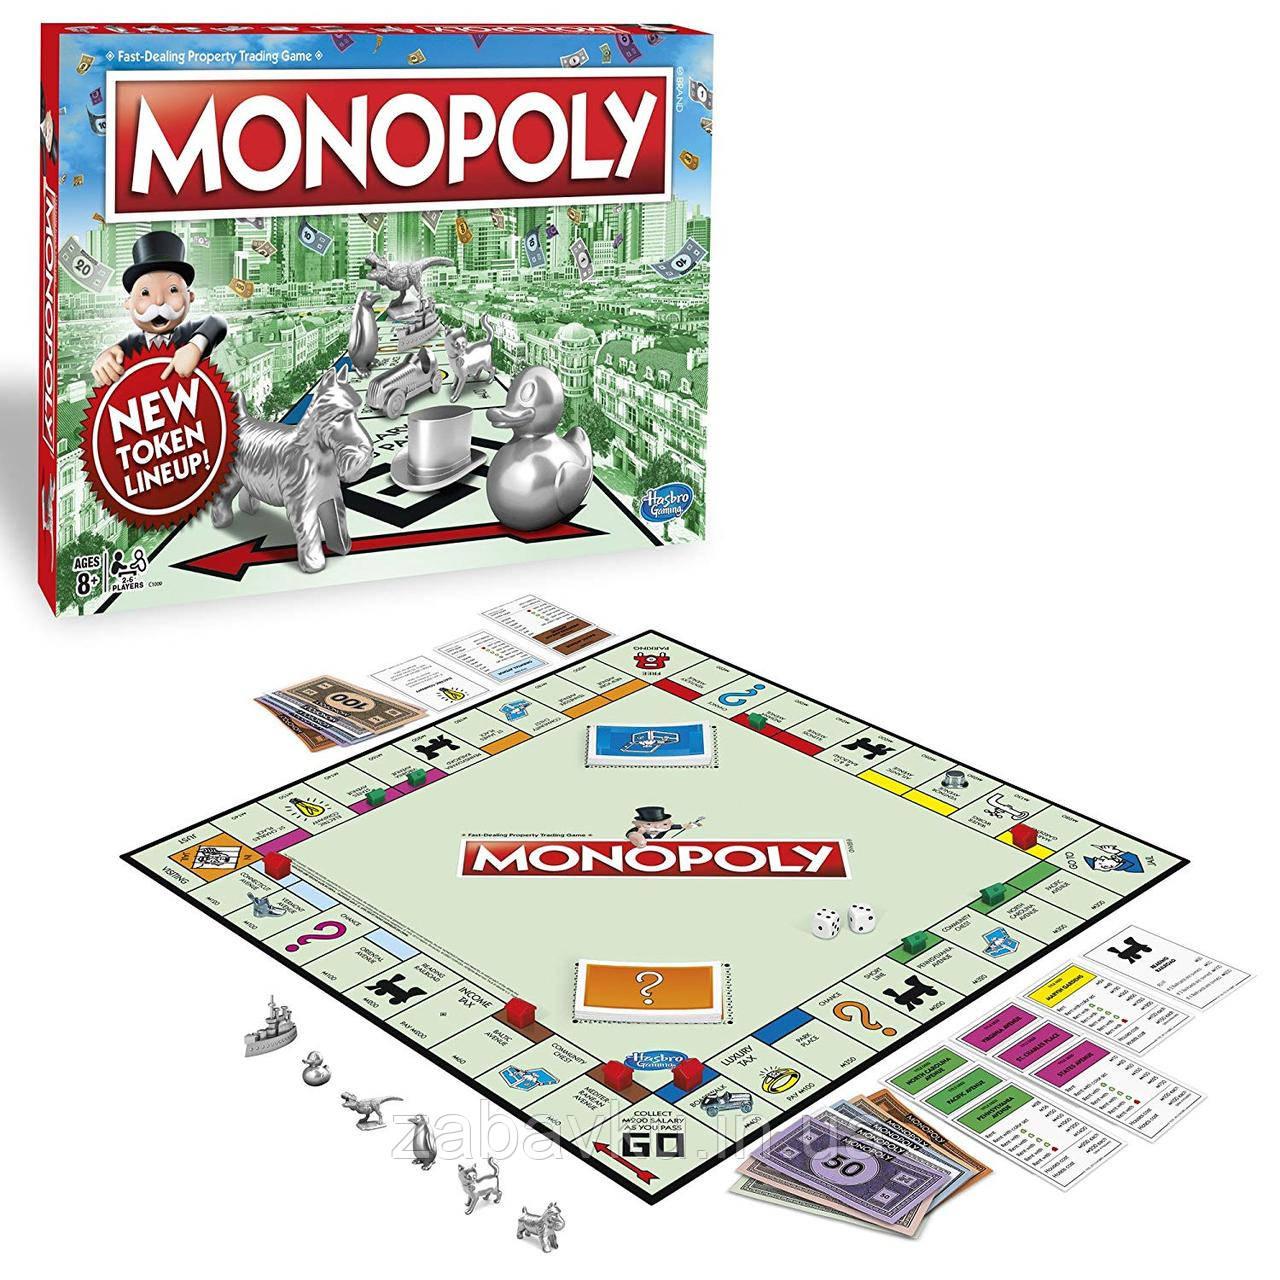 Класична Монополія оригінал Хасбро Monopoly Classic Game Hasbro